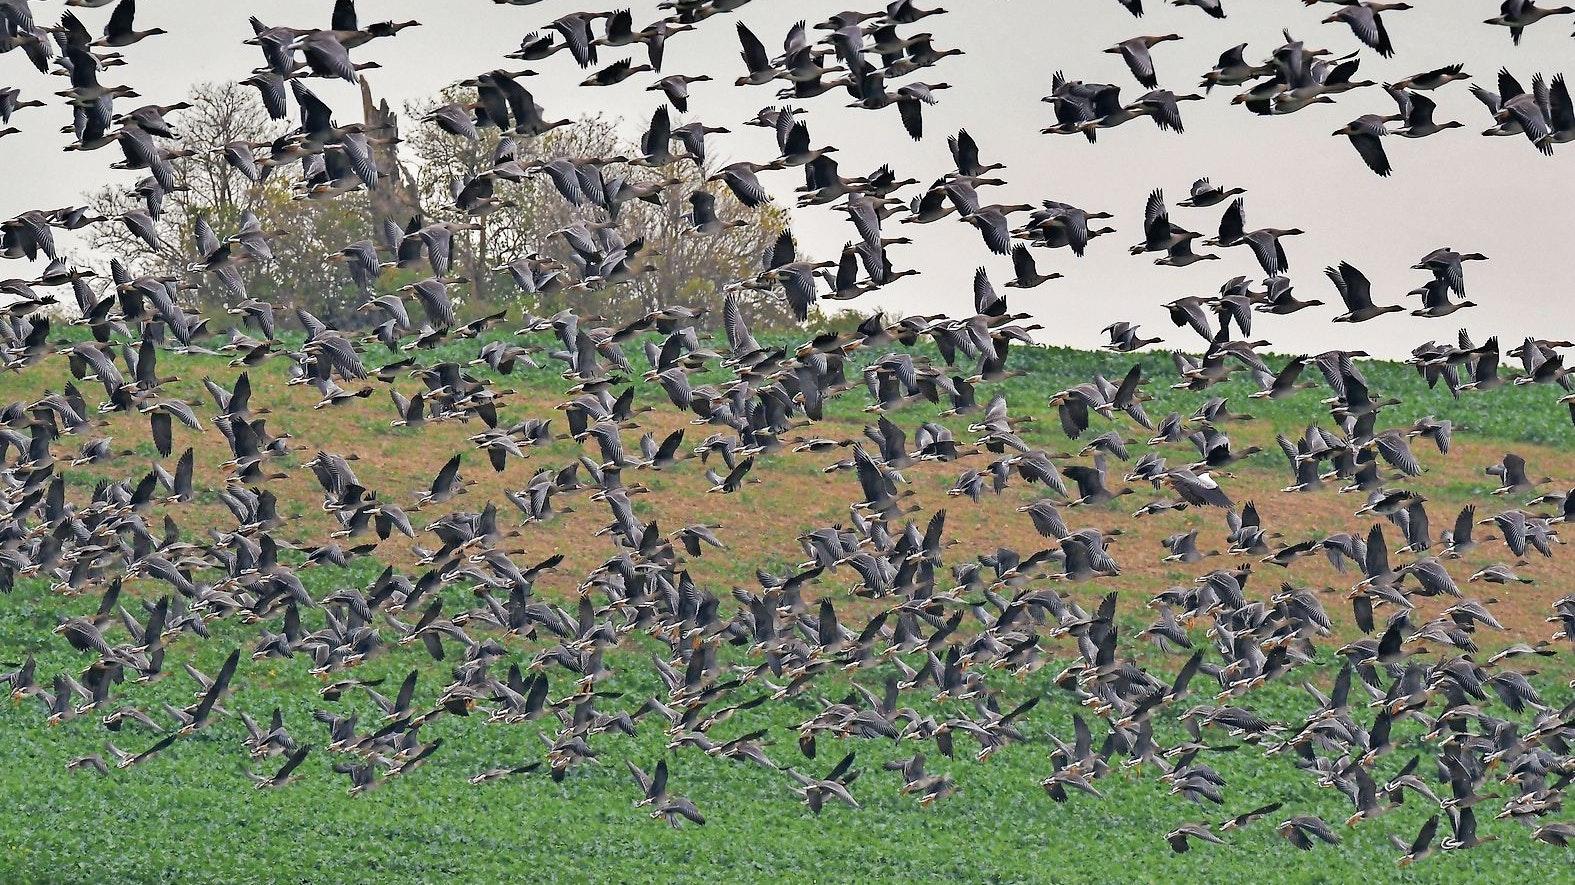 Virusträger: Wildgänse geben H5N8 weiter. Ihre Zahl hat in den vergangenen Jahren deutlich zugenommen. Foto: picture alliance/dpa/dpa-Zentralbild/Patrick Pleul